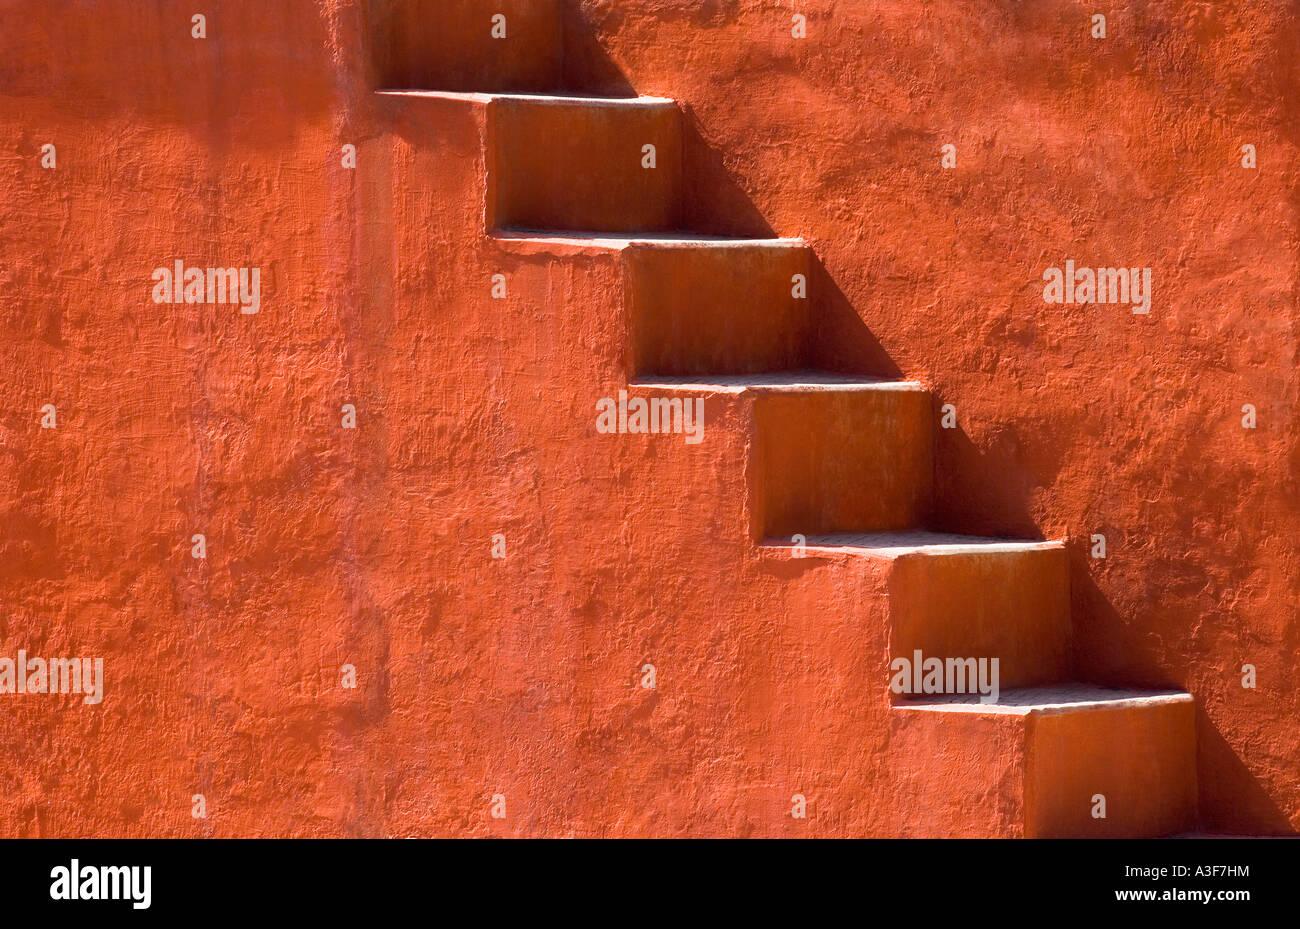 Pasos en un edificio, Jantar Mantar, Nueva Delhi, India Imagen De Stock